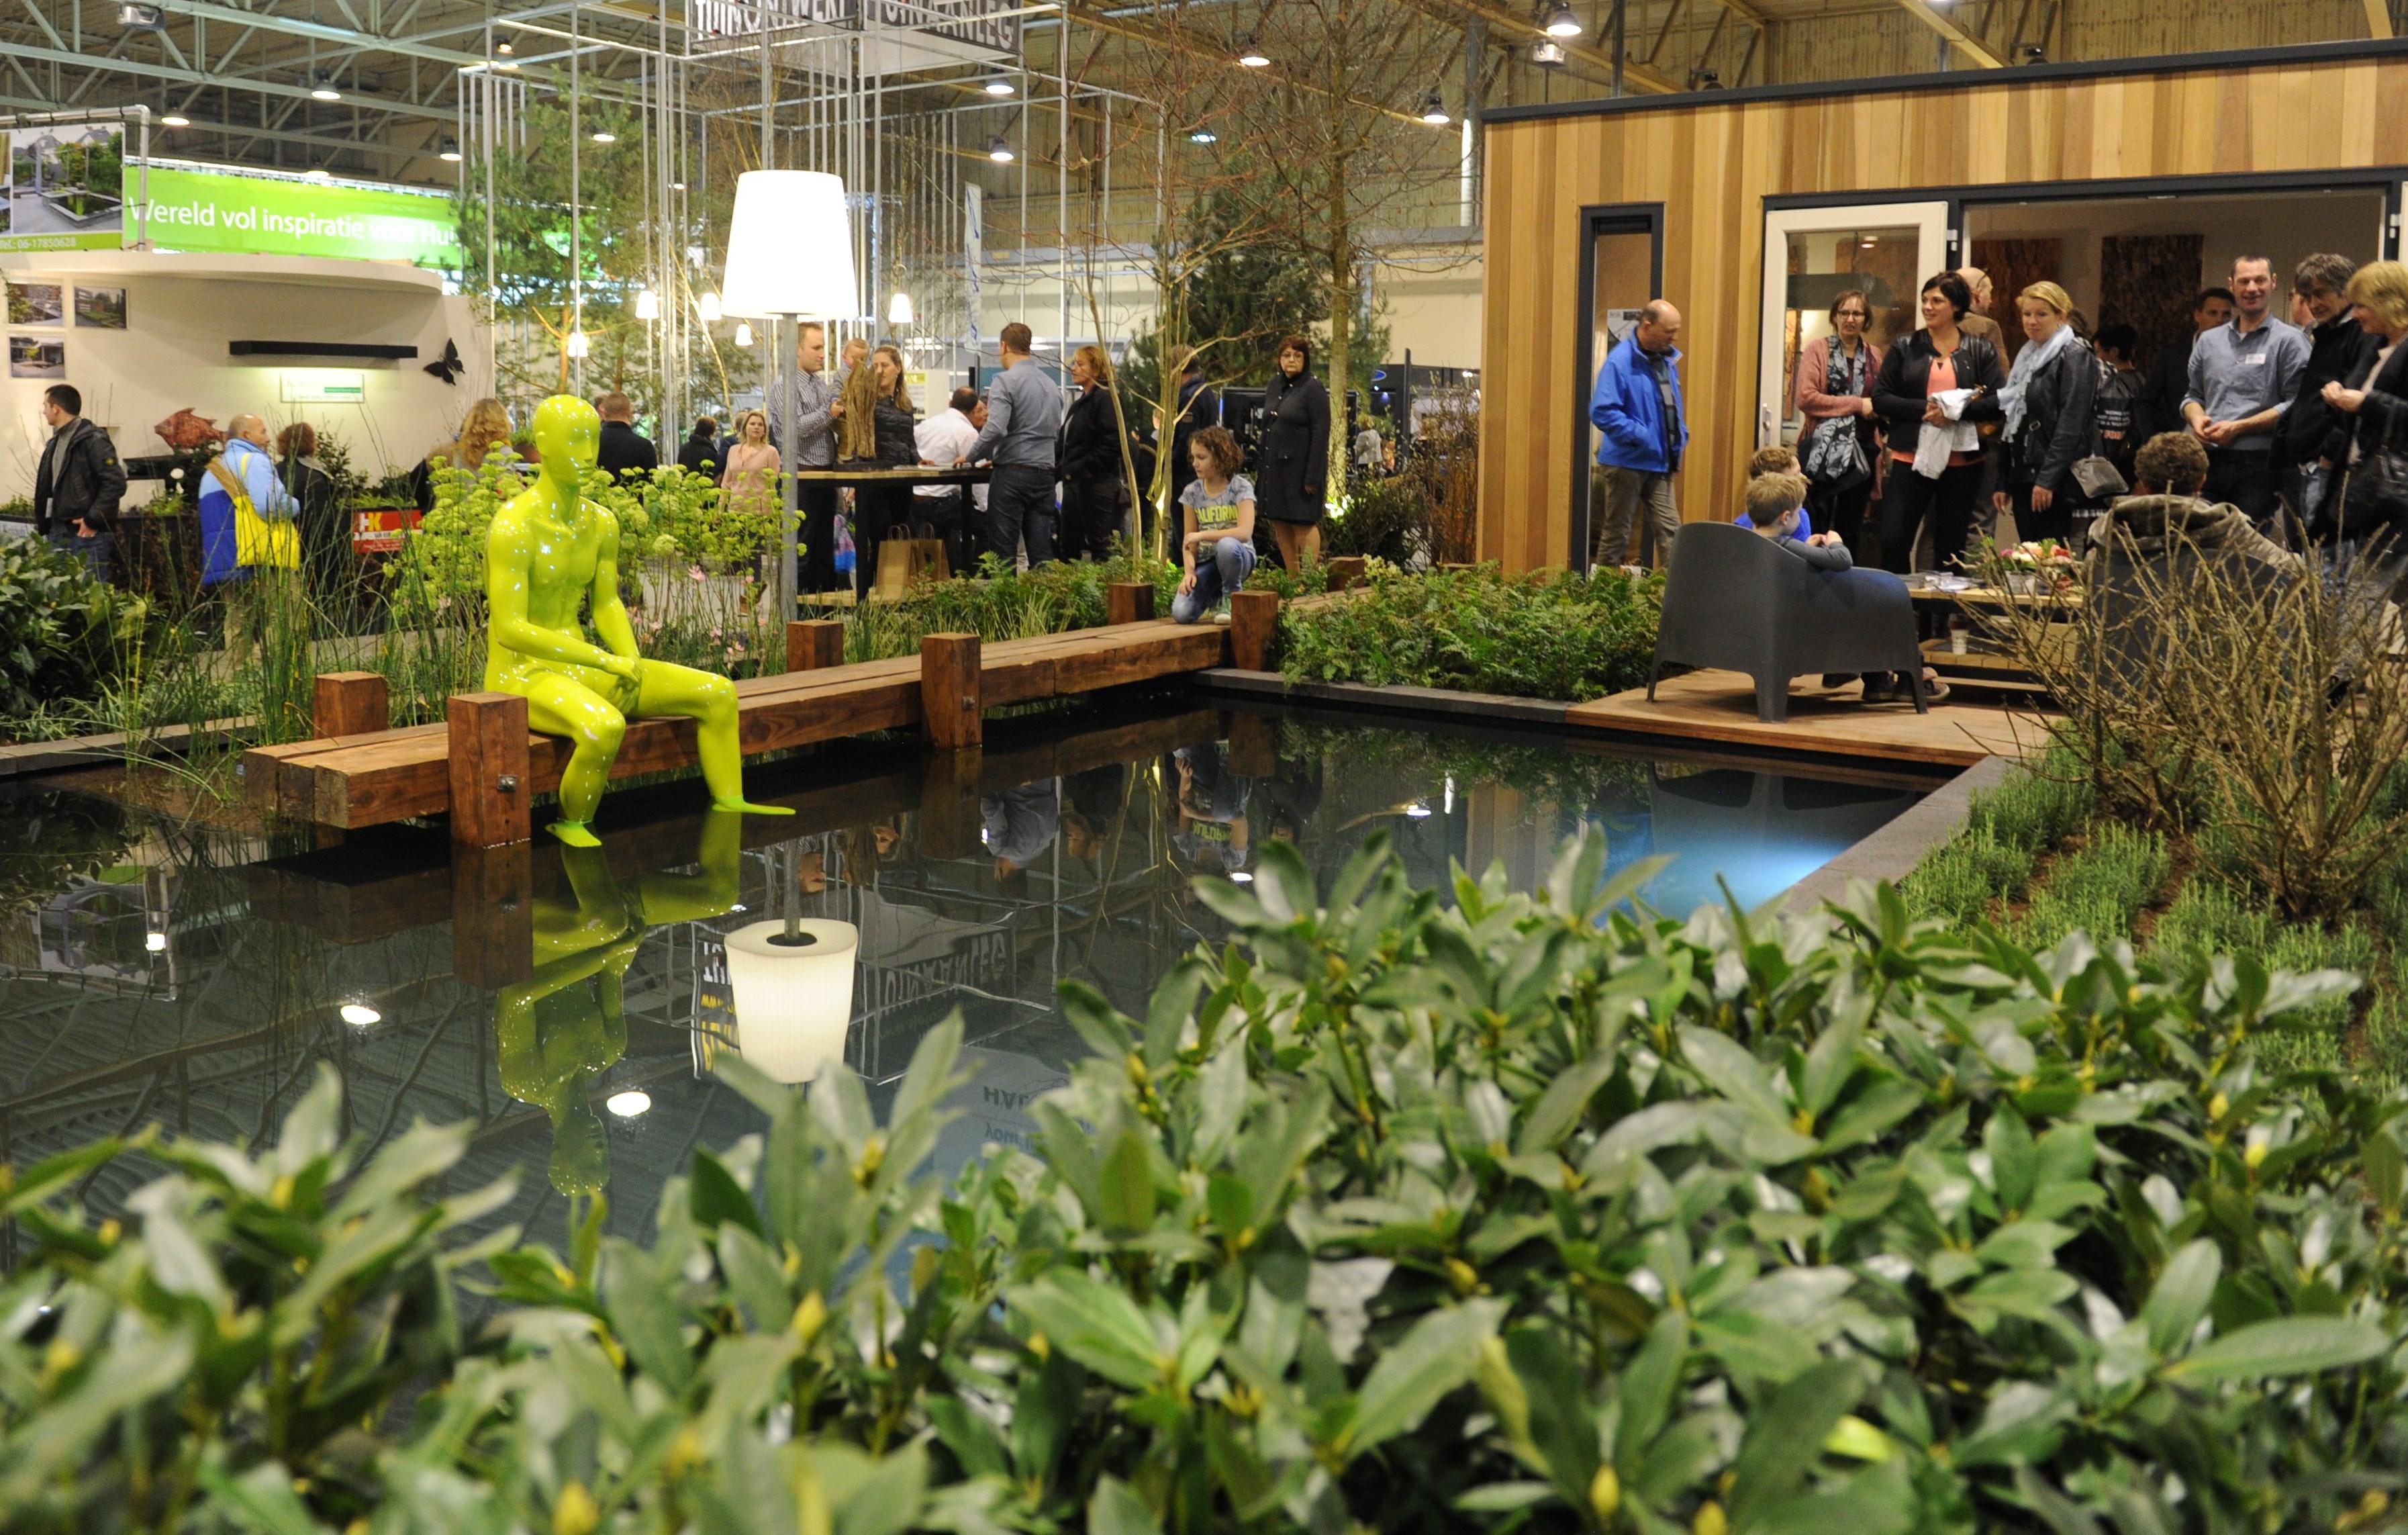 Vernieuwd eigentijds fris tuinidee groene markt